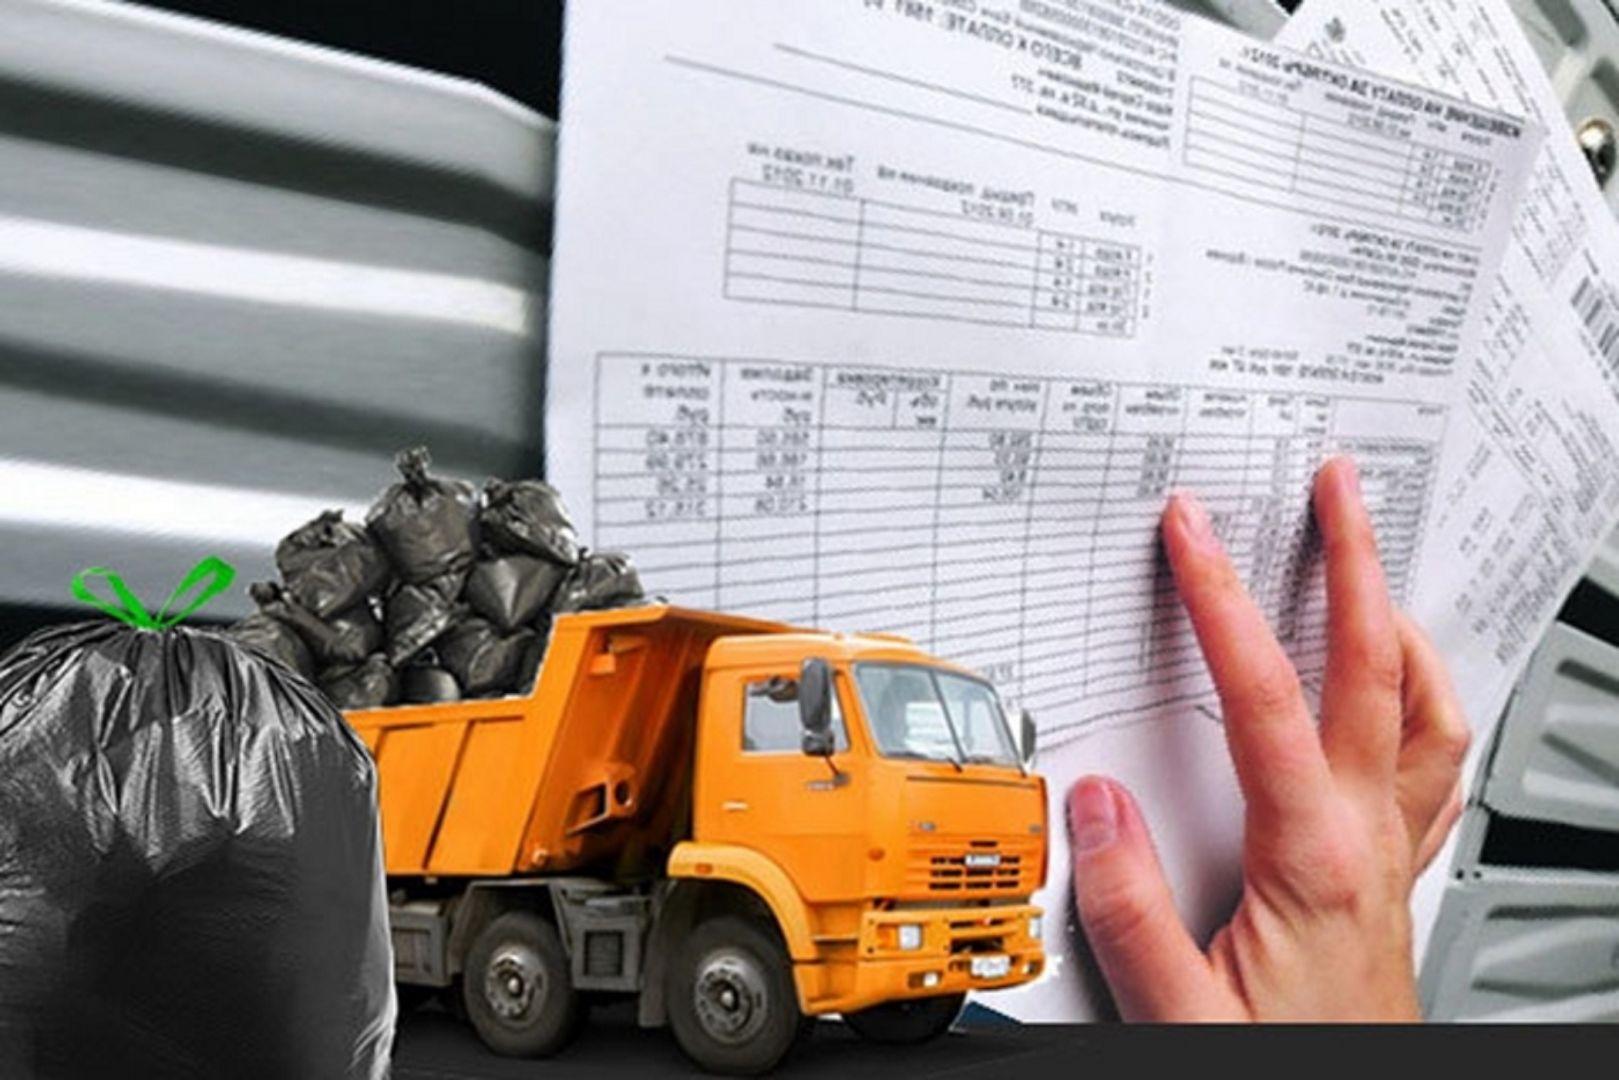 Минстрой России опубликовал разъяснение о том, как должна начисляться плата за услугу по обращению с ТКО